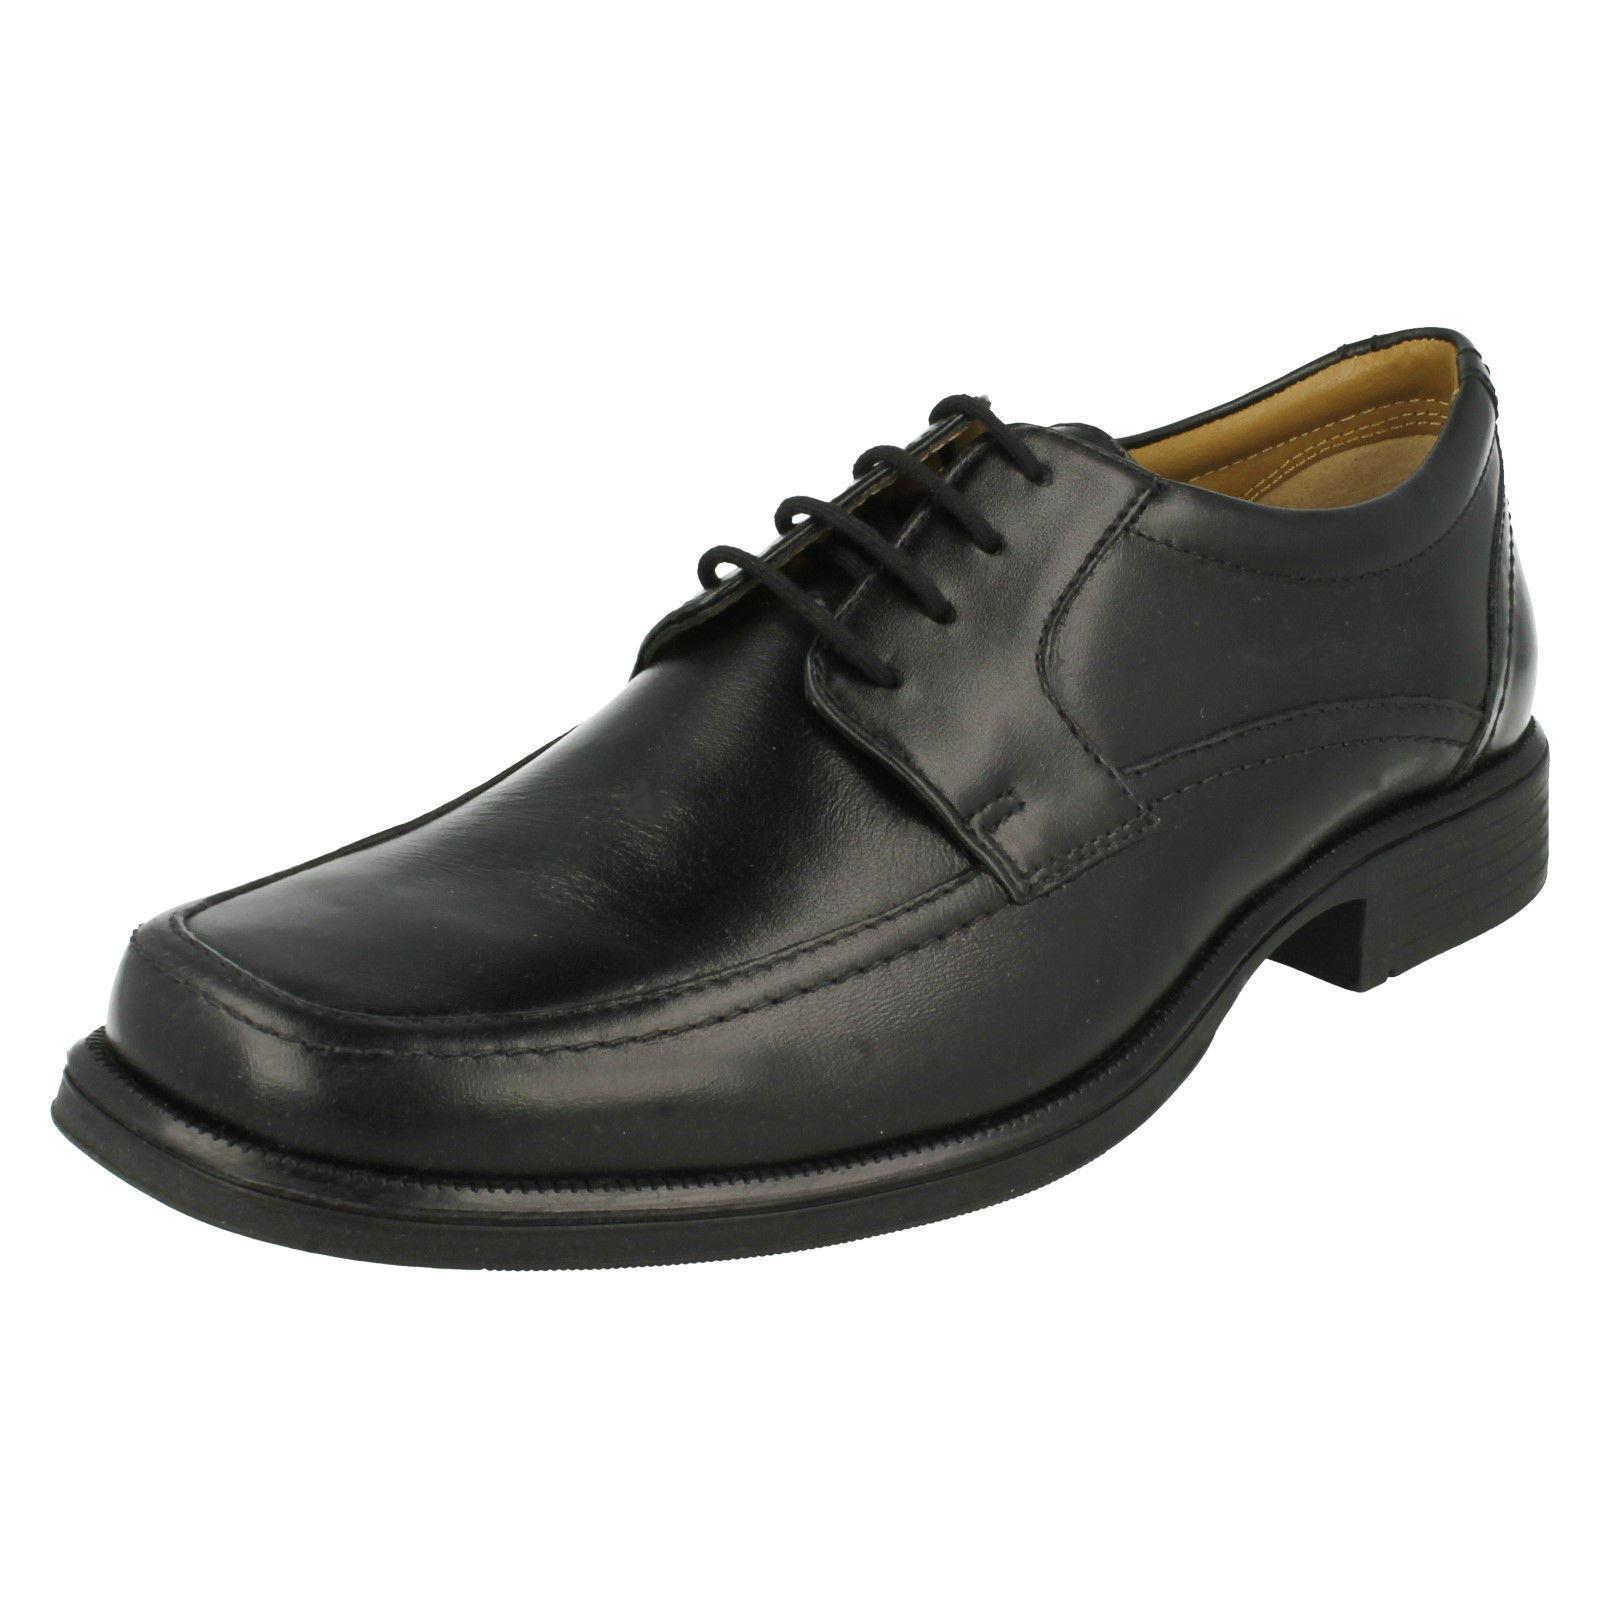 Clarks Manico Molla Lacci Raccordo Nero Scarpe In Cuoio-G Raccordo Lacci (vestibilità standard) ef7b7a